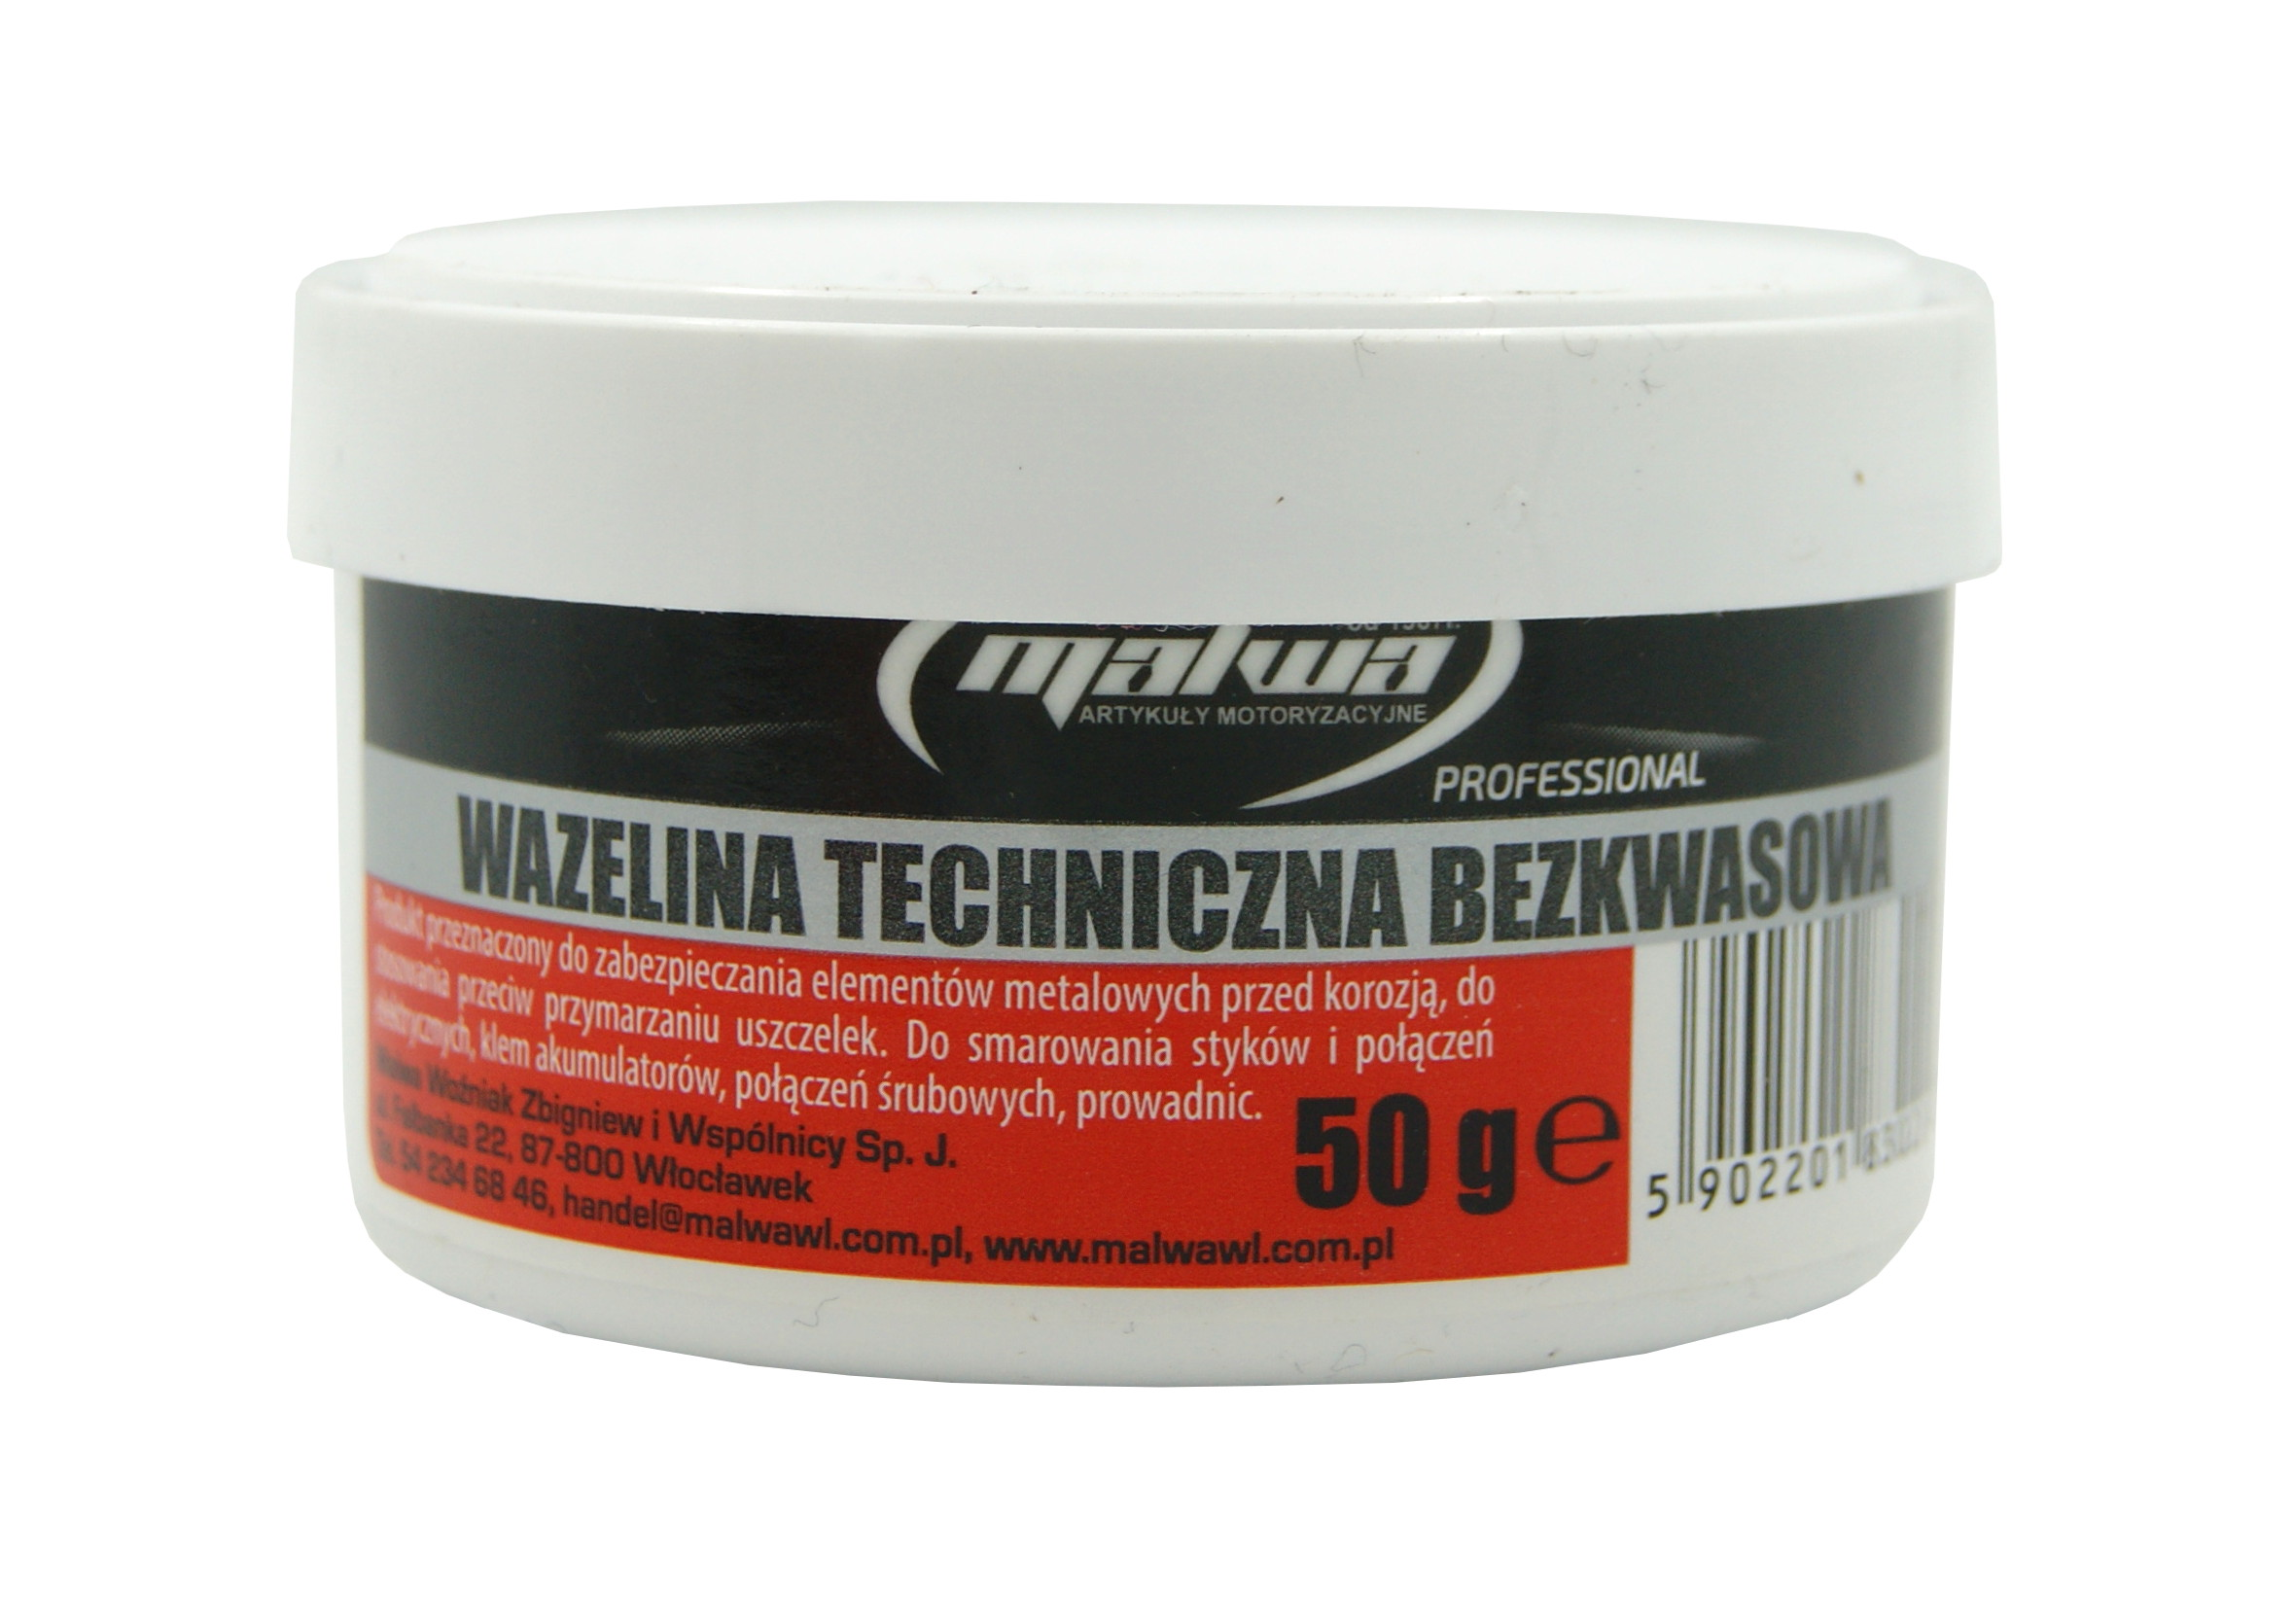 Malwa Wazelina Techniczna Bezkwasowa 50g w Puszce